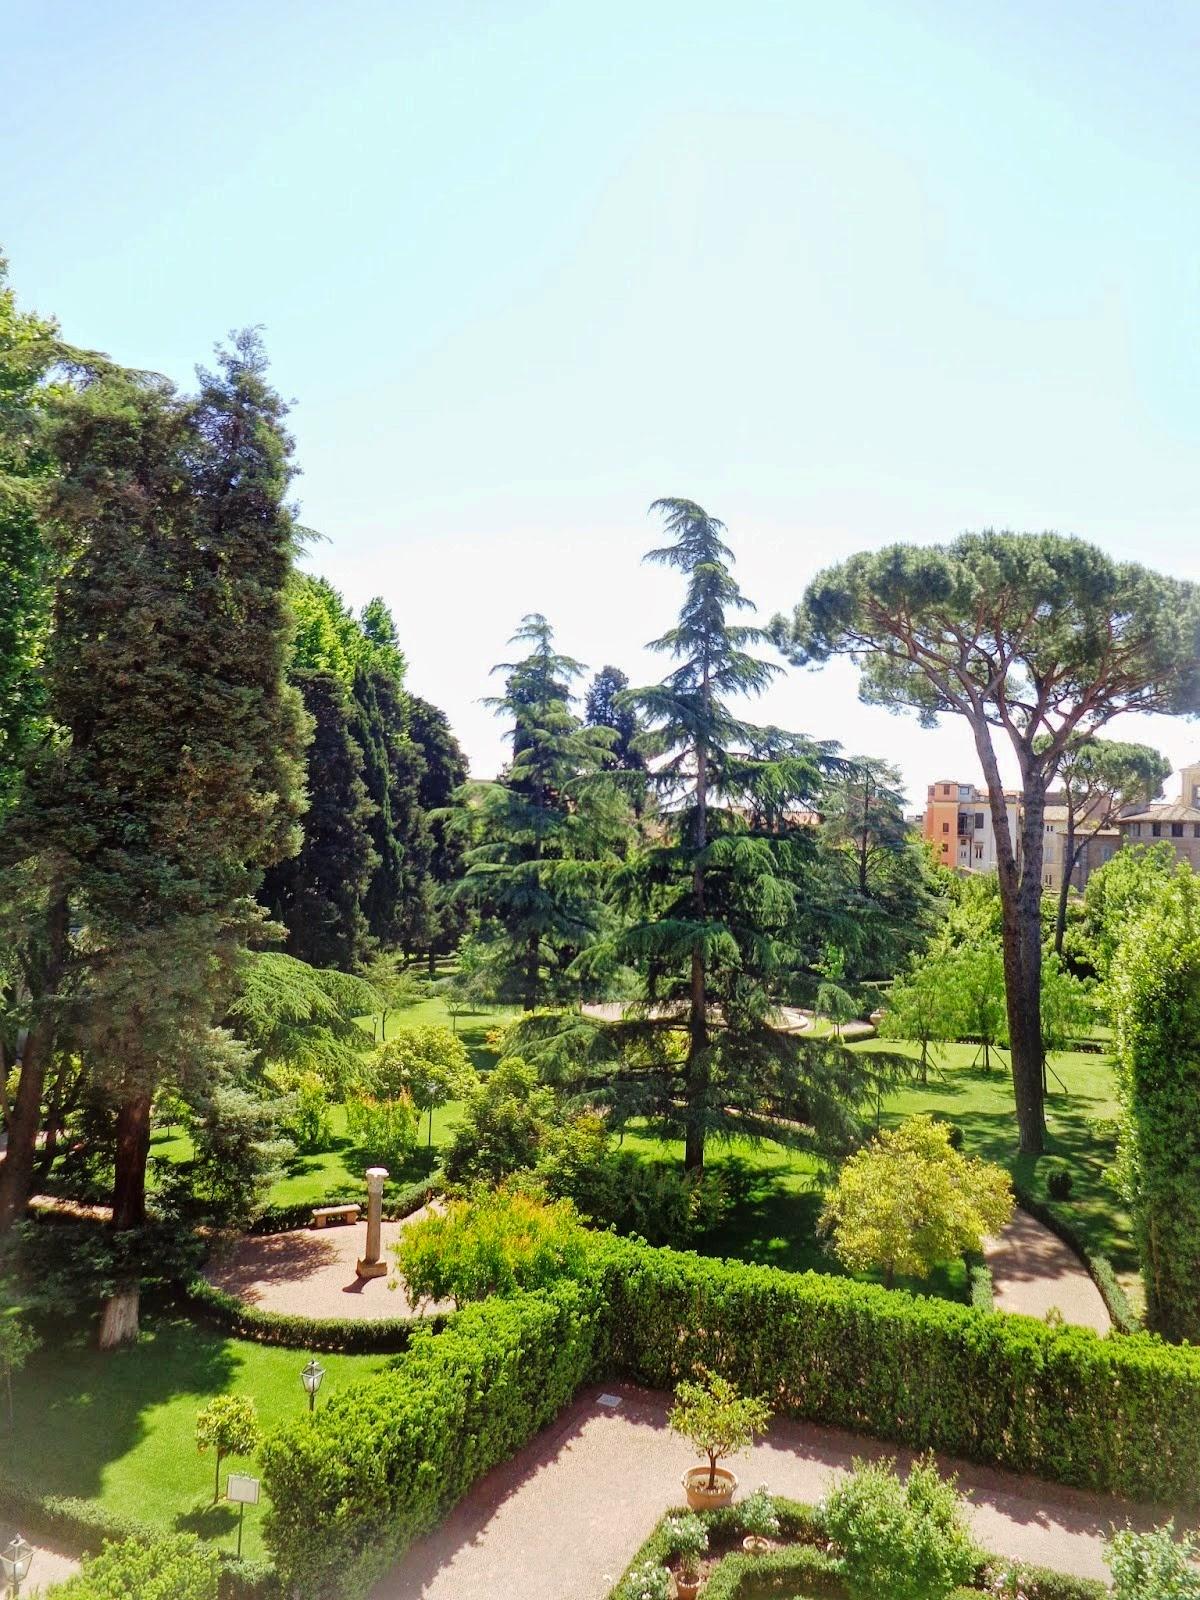 Jardins da Villa Farnesina, que eram usados como palco de festas e encenações teatrais.